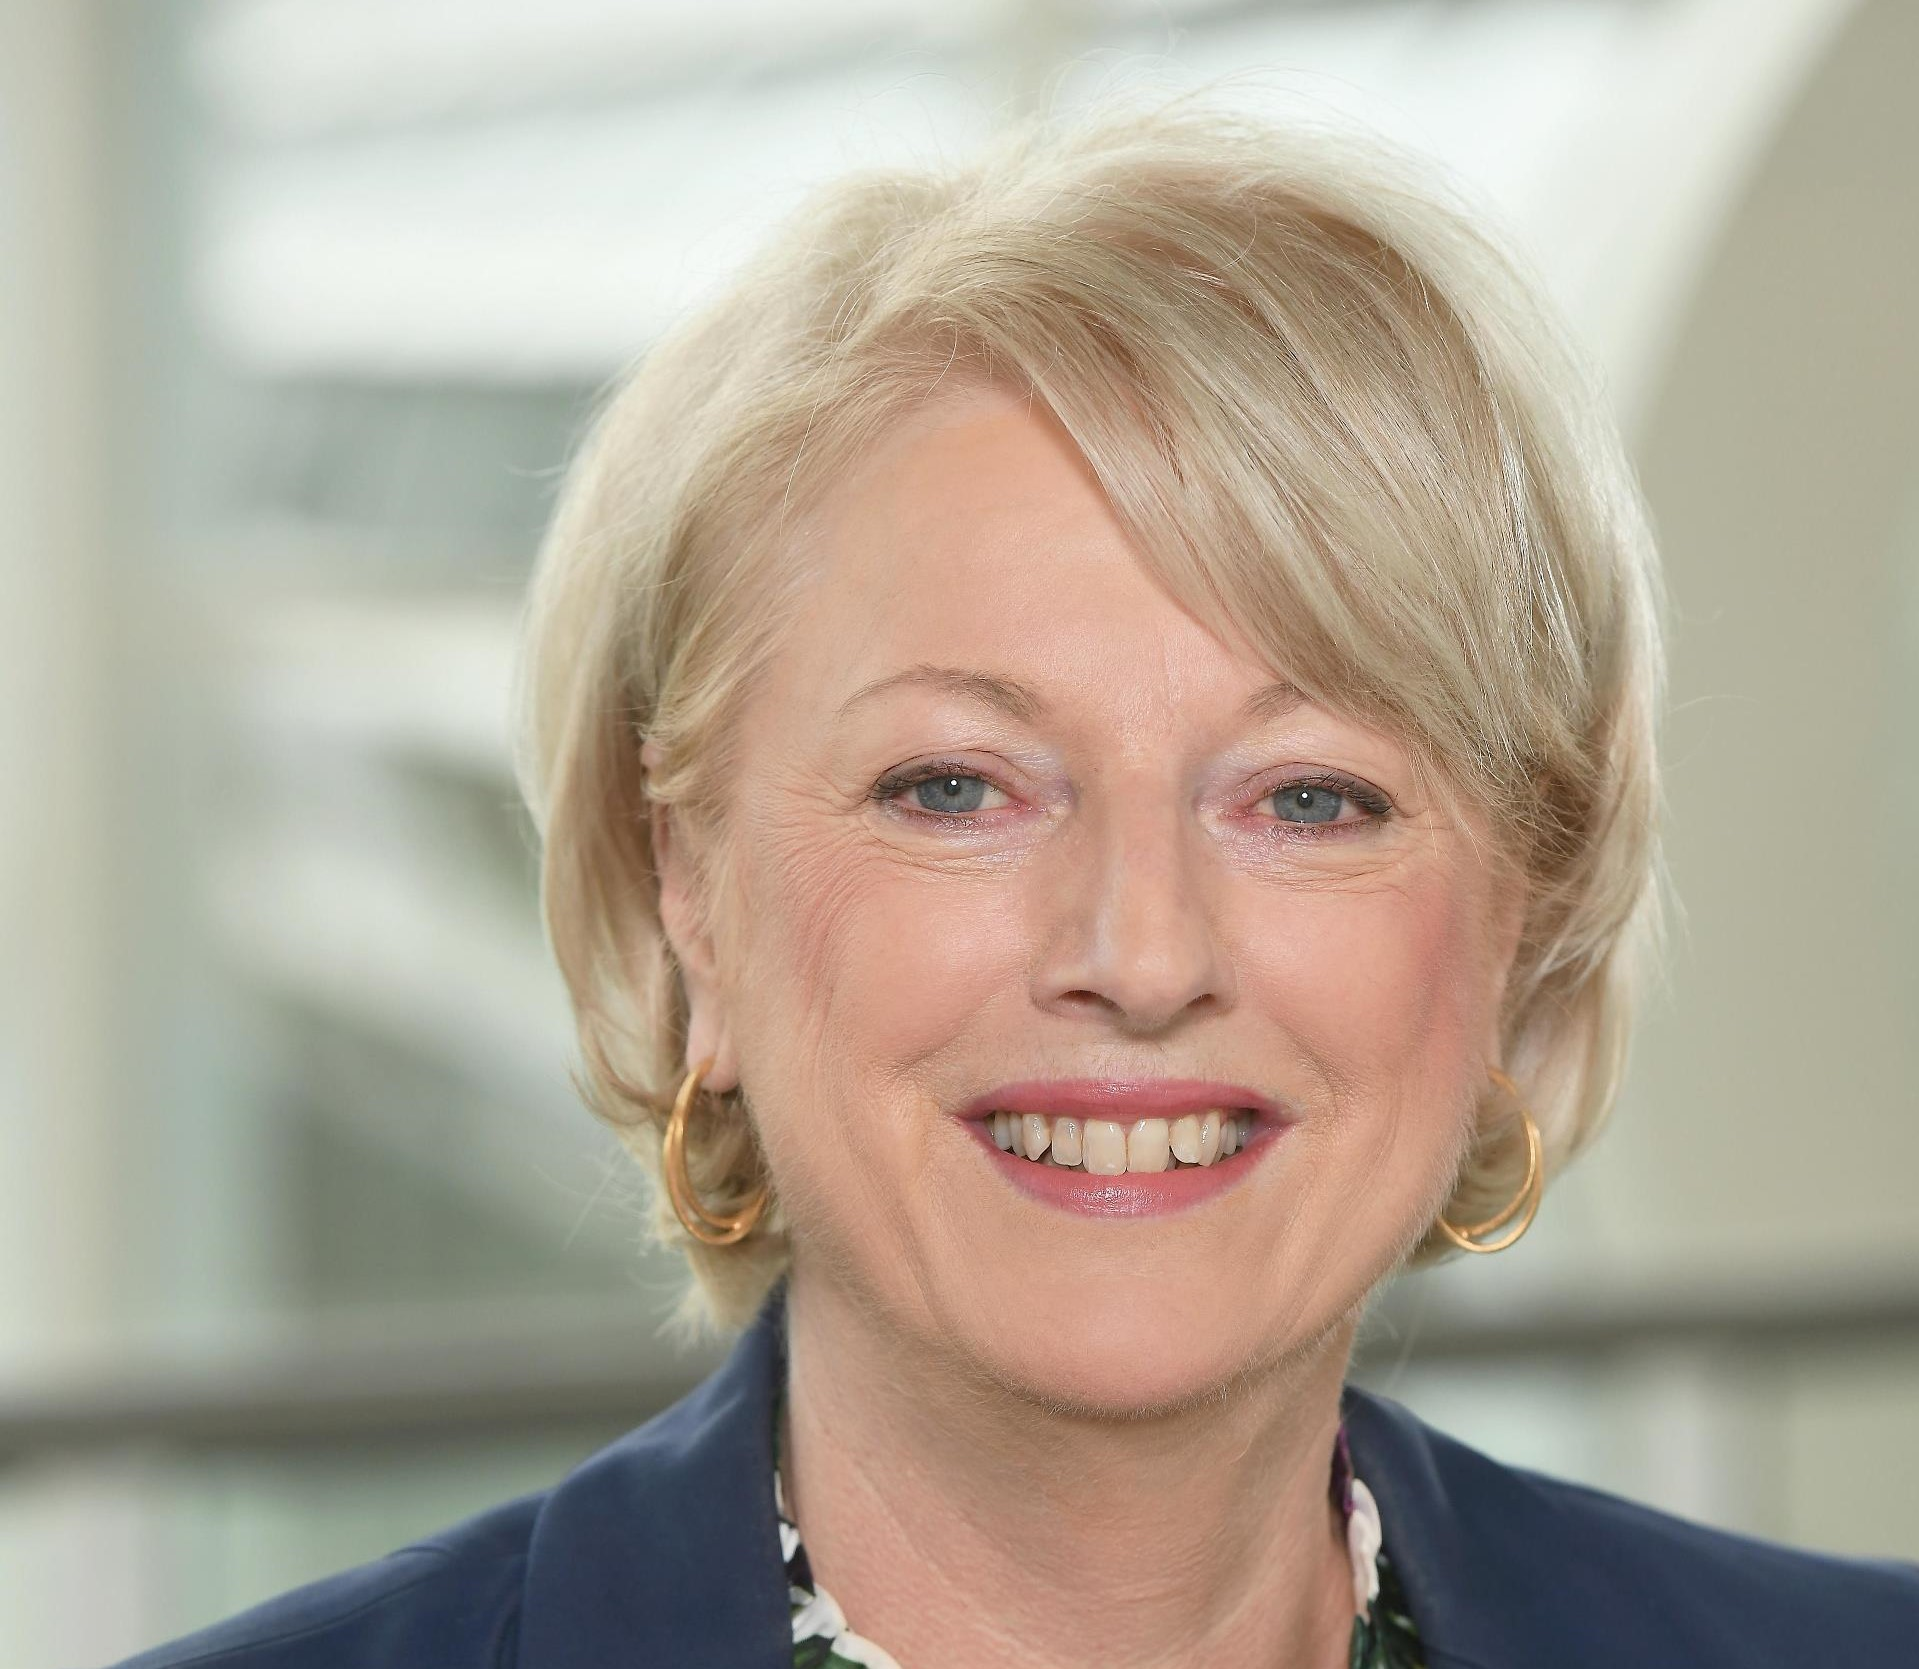 Internorga - Claudia Johannsen - Geschäftsbereichsleiterin Hamburg Messe und Congress GmbH